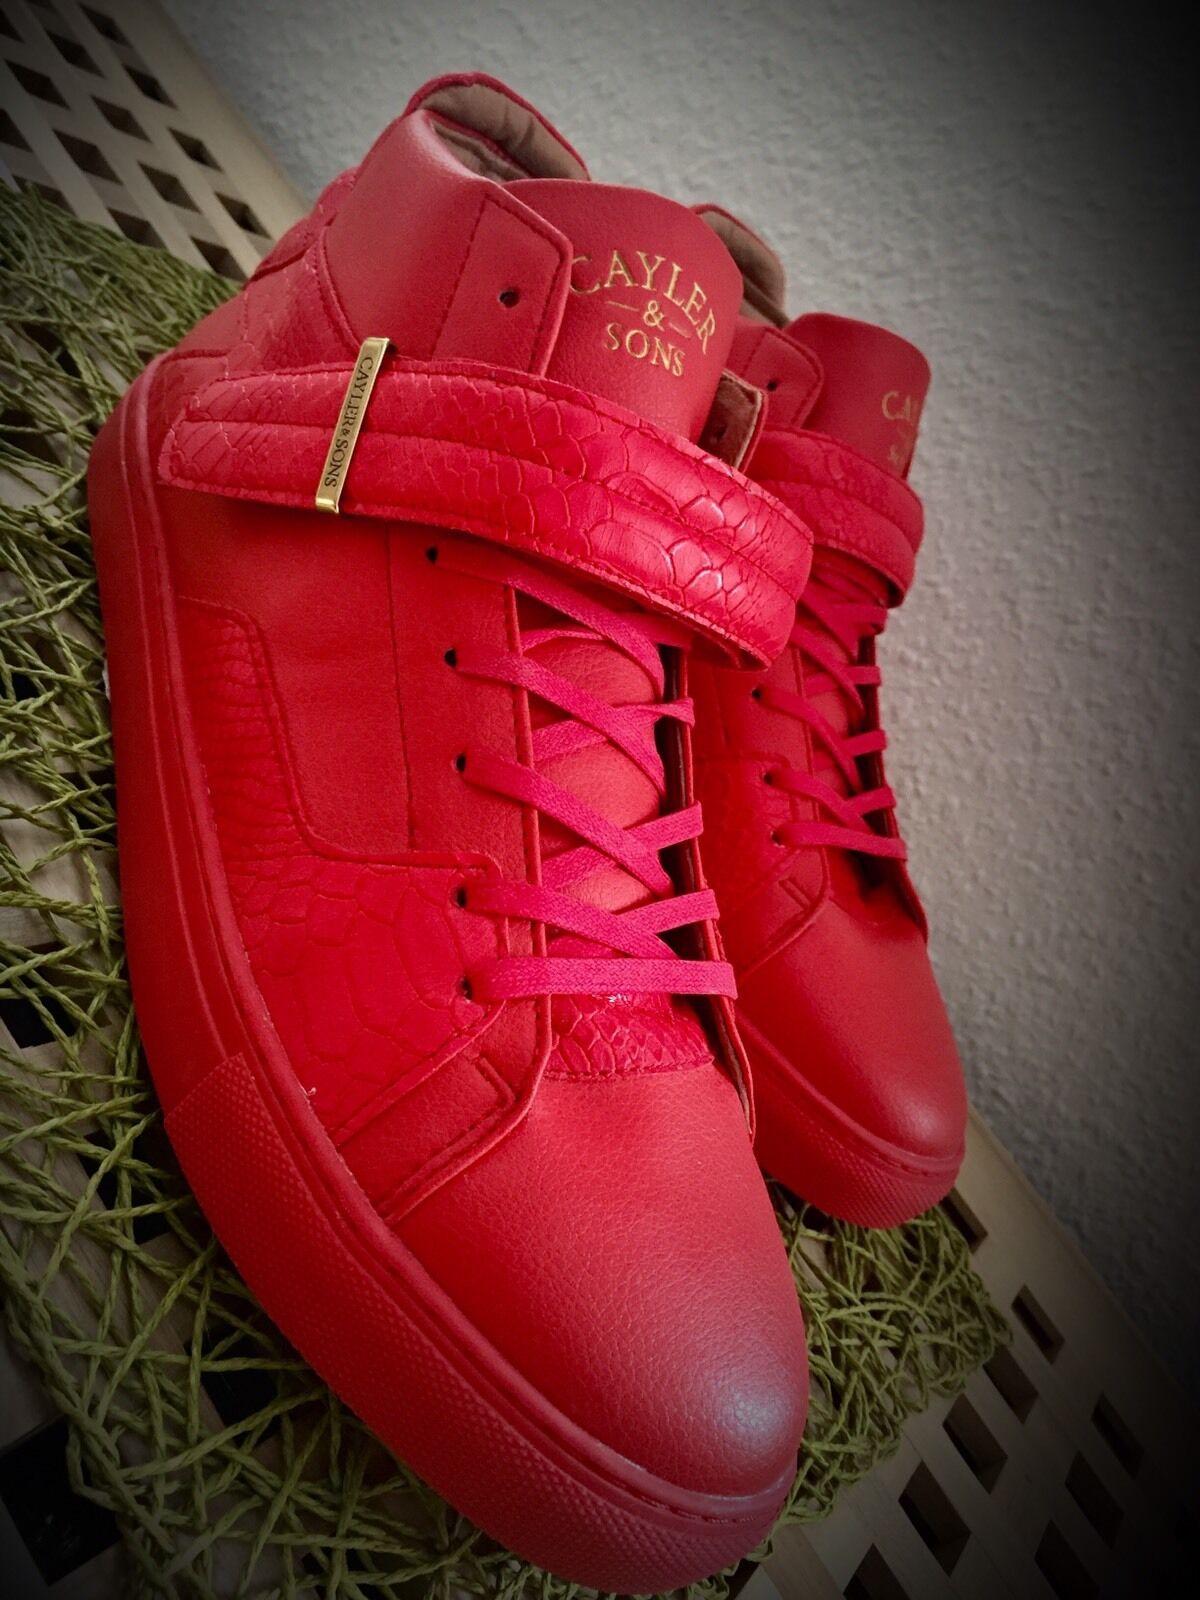 Cayler & Sons Sneaker Turnschuhe Schuhe Herren 47.5 47,5 47 Gold rot red NEU